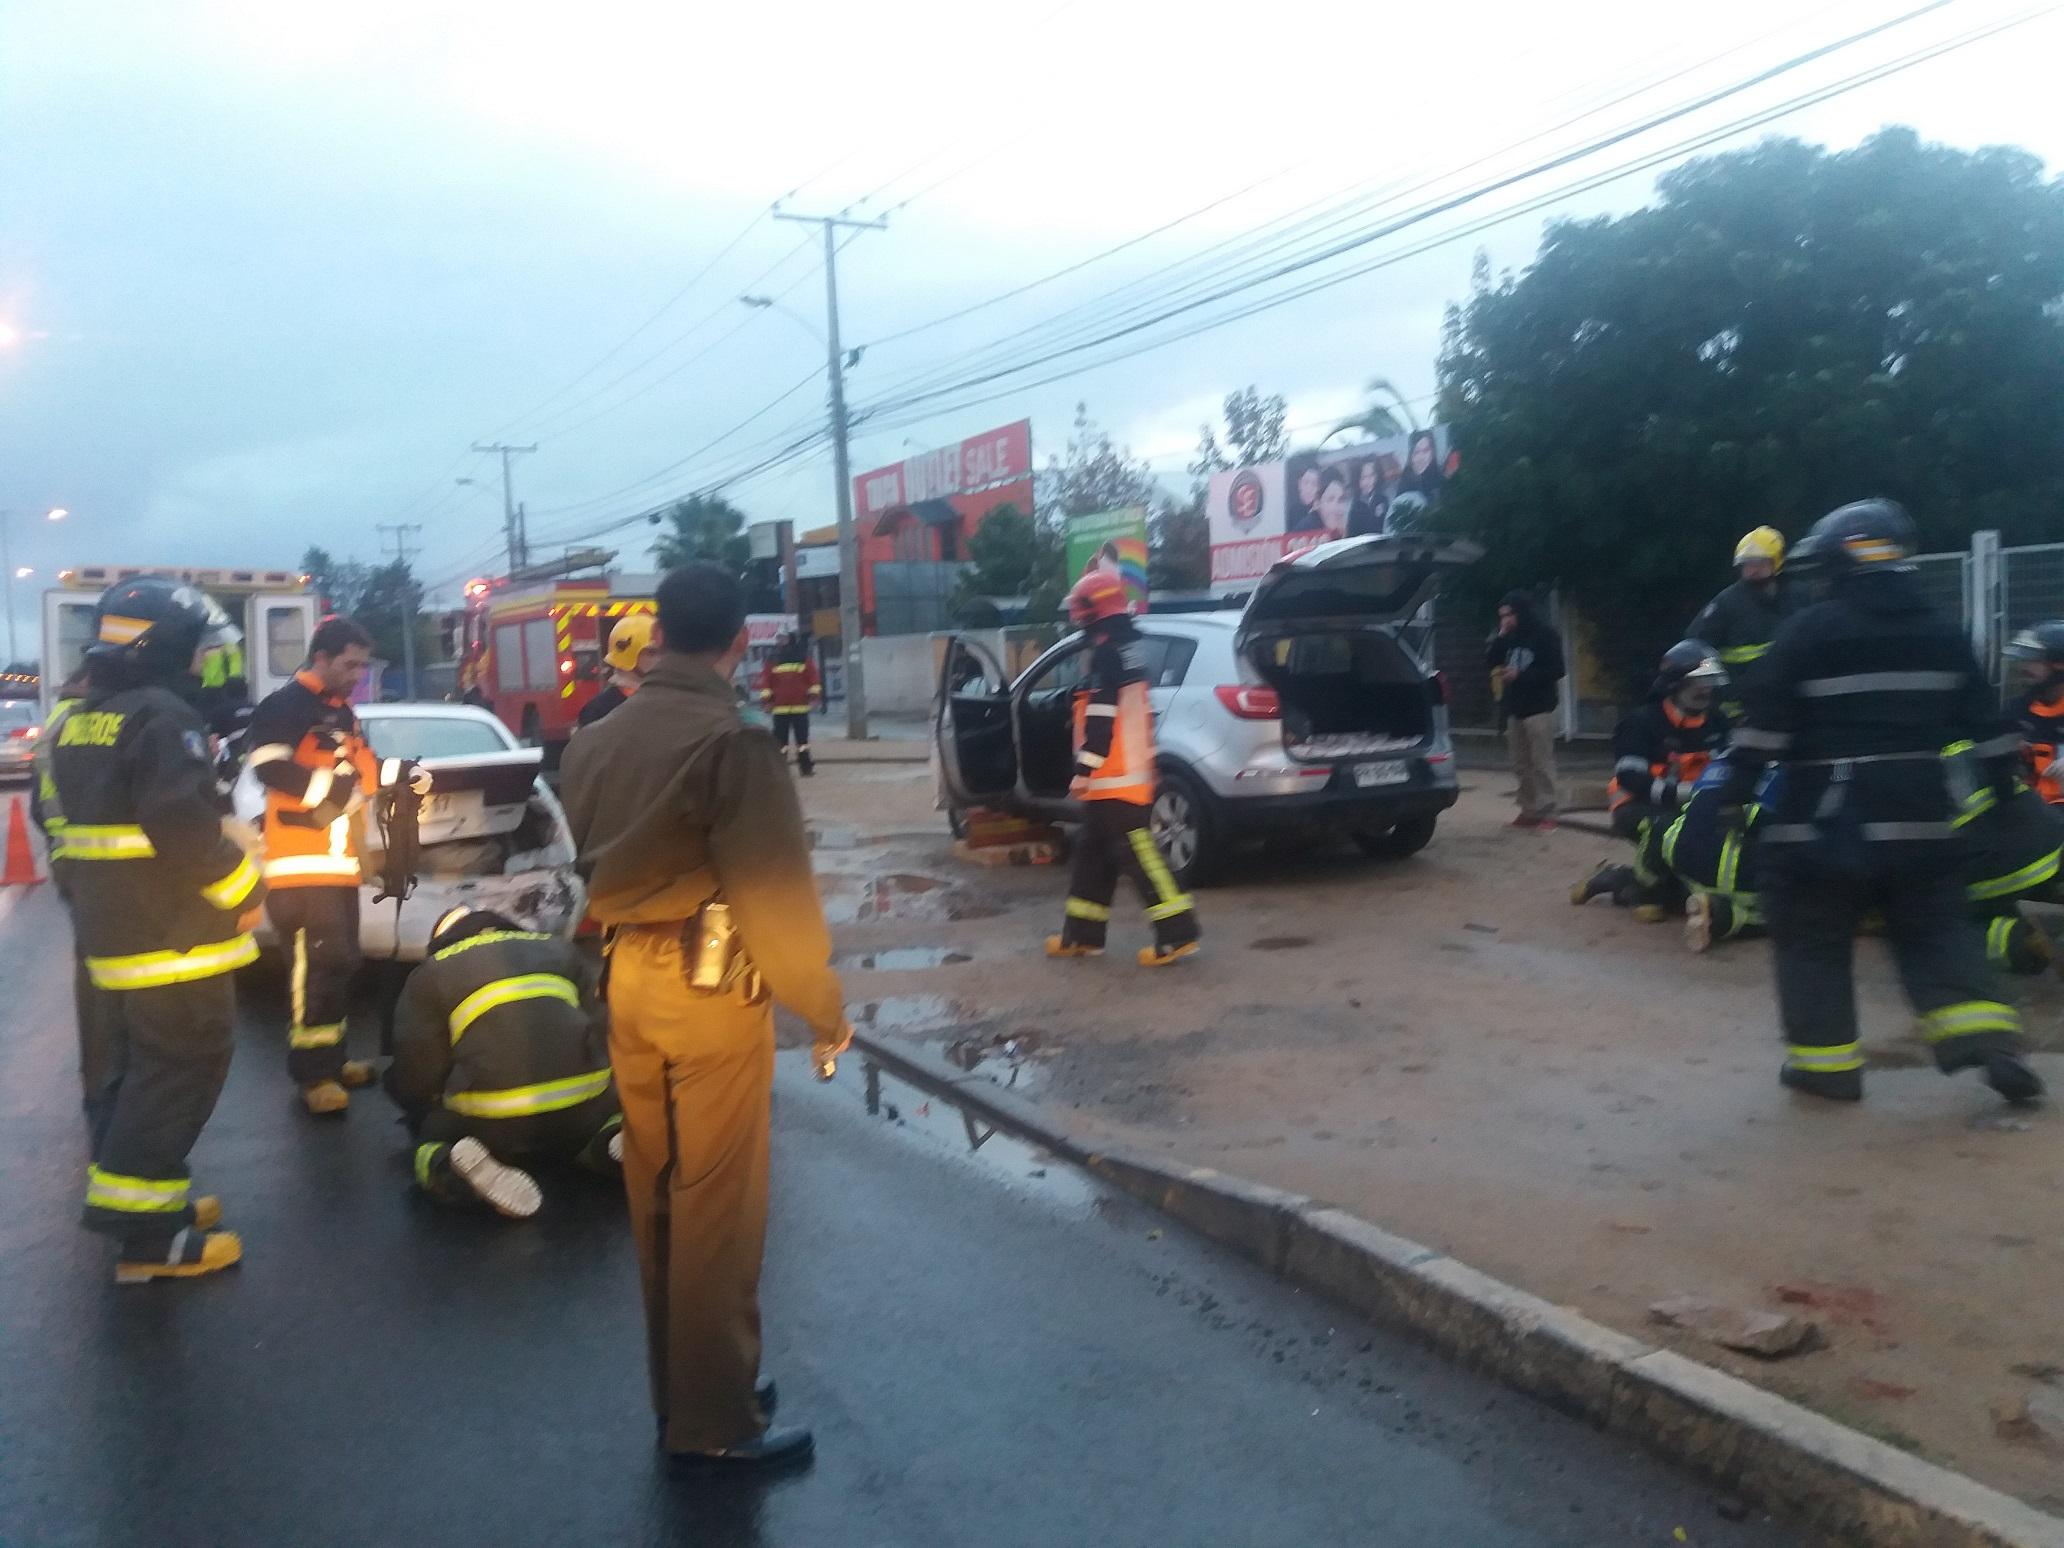 Exclusivo fotos: Tres heridos deja triple colisión en la avenida Colín con 26 sur en Talca, causada presuntamente por un conductor ebrio.